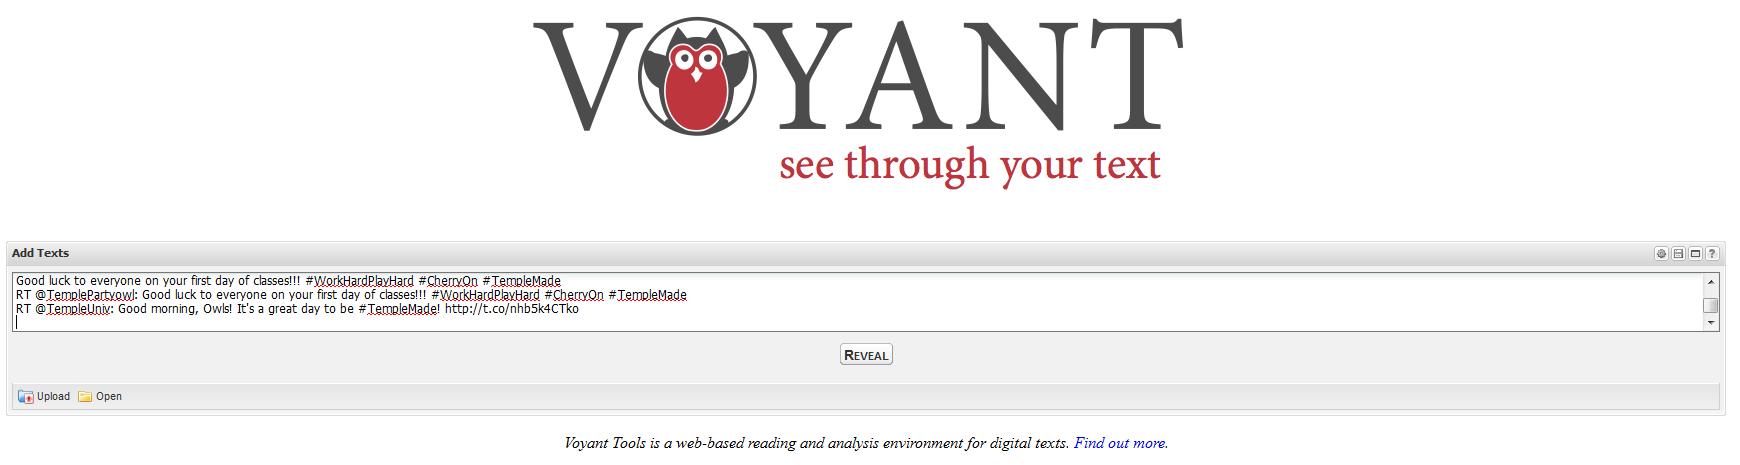 voyant search box